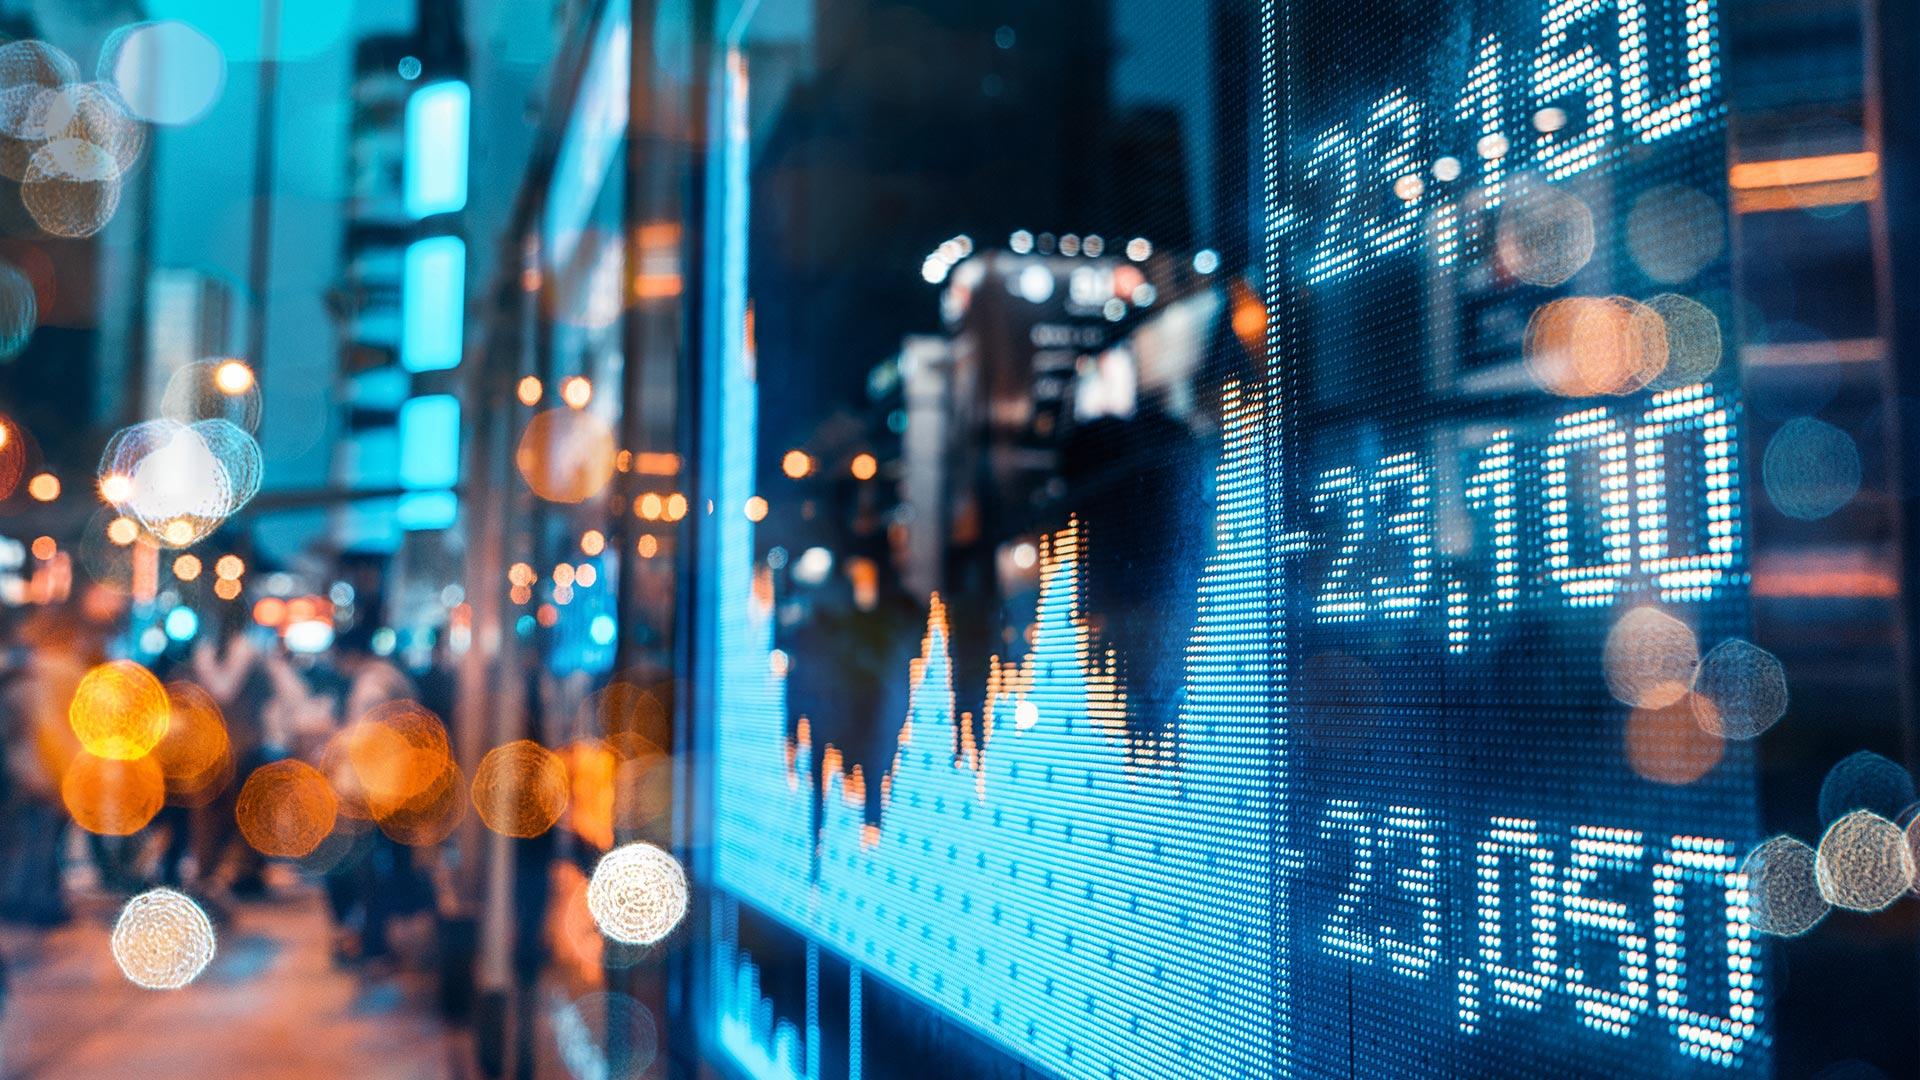 """Indústria financeira alerta que regras sobre criptomoedas são """"desnecessariamente restritivas"""""""